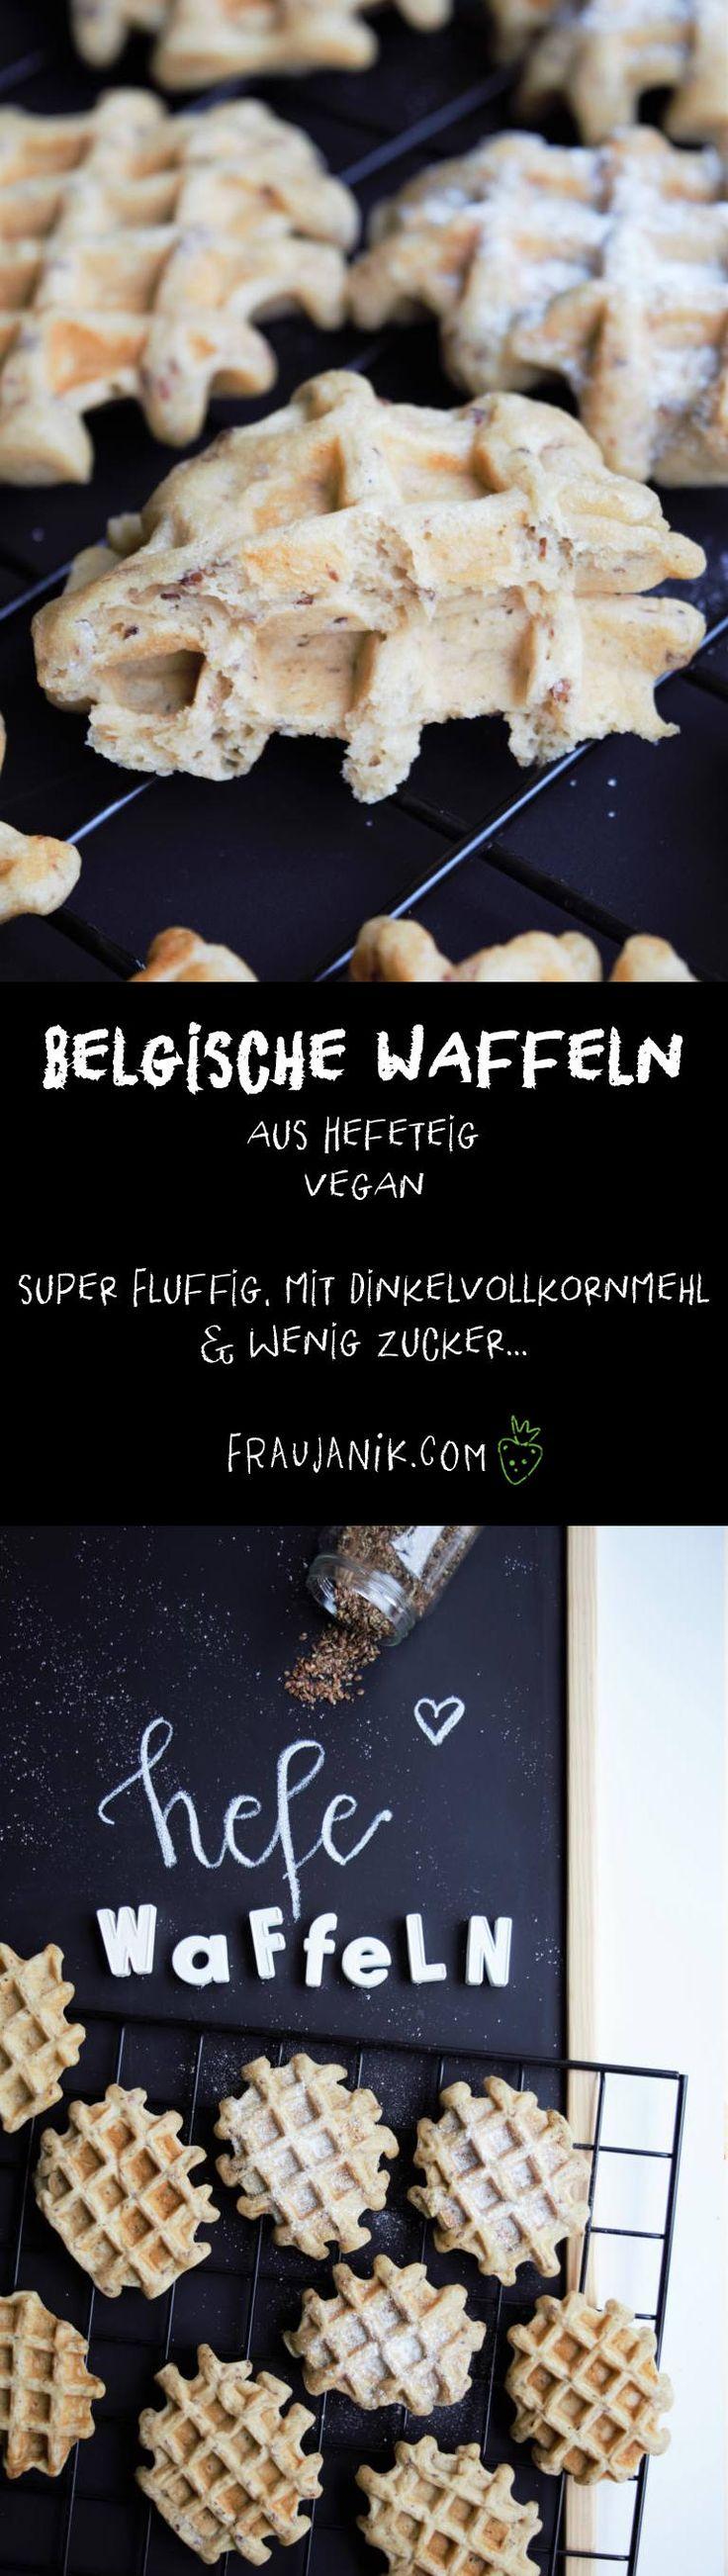 Belgische Waffeln aus Hefeteig | vegan - super fluffig, mit Dinkelvollkornmehl & wenig Zucker... #waffeln #gesundewaffeln #belgischewaffeln #dinkelwaffeln #hefewaffeln #gesundbacken #frühstück #veganewaffeln